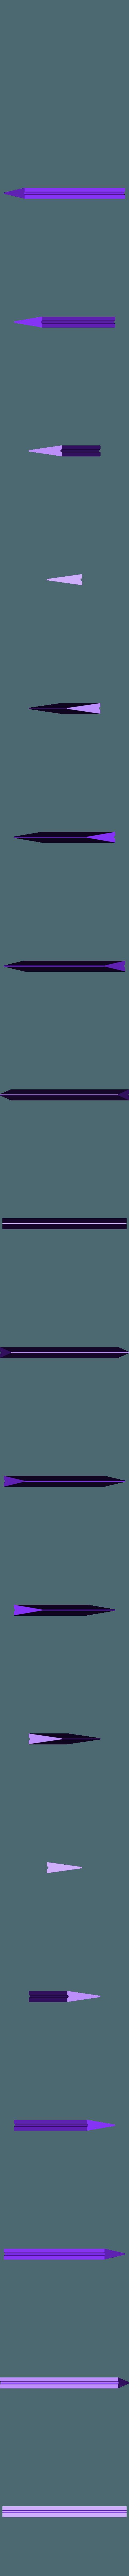 300x300x350 - Silver - Blade - Part 4.stl Download STL file Final Fantasy VII - Buster Sword - Bracelet - Shoulder pad  • 3D print model, 3Dutchie